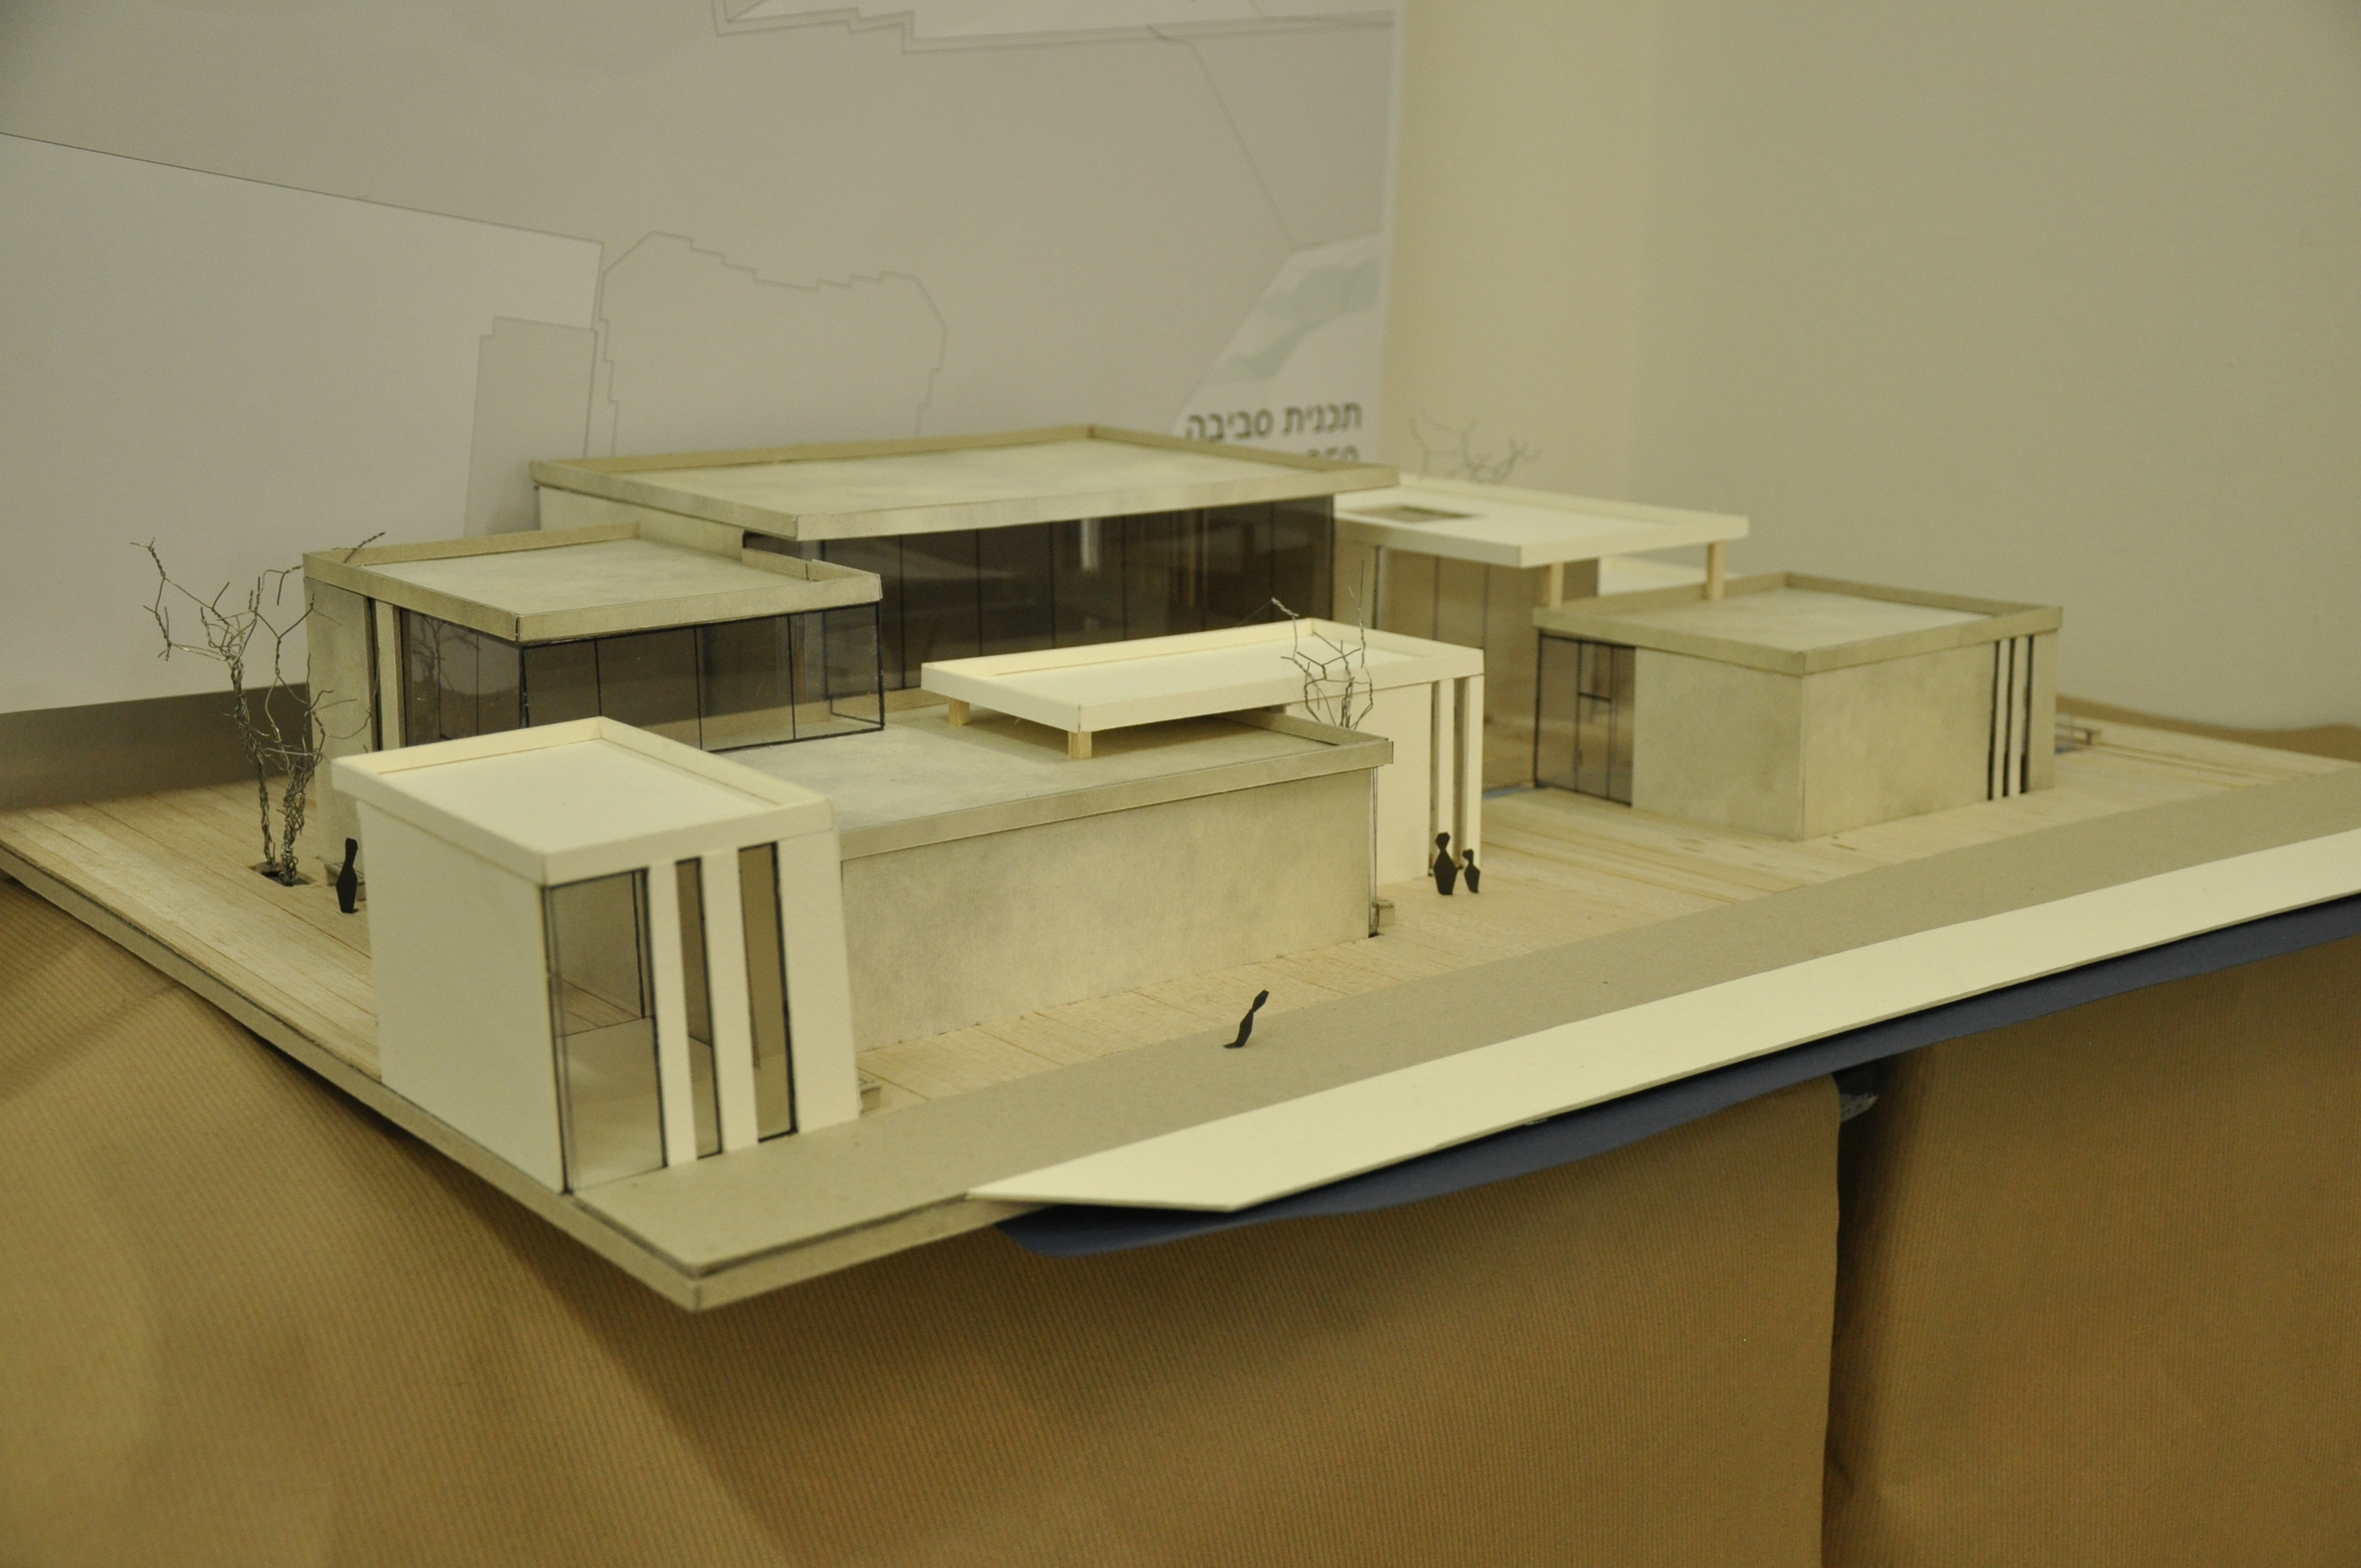 תכנון מרכז ספורט ימי, הנדסאי אדריכלות. שיר פילוס, מנחה אדריכלית לירז גרוס. צילום: מאיה לוי - שנקר הנדסאים